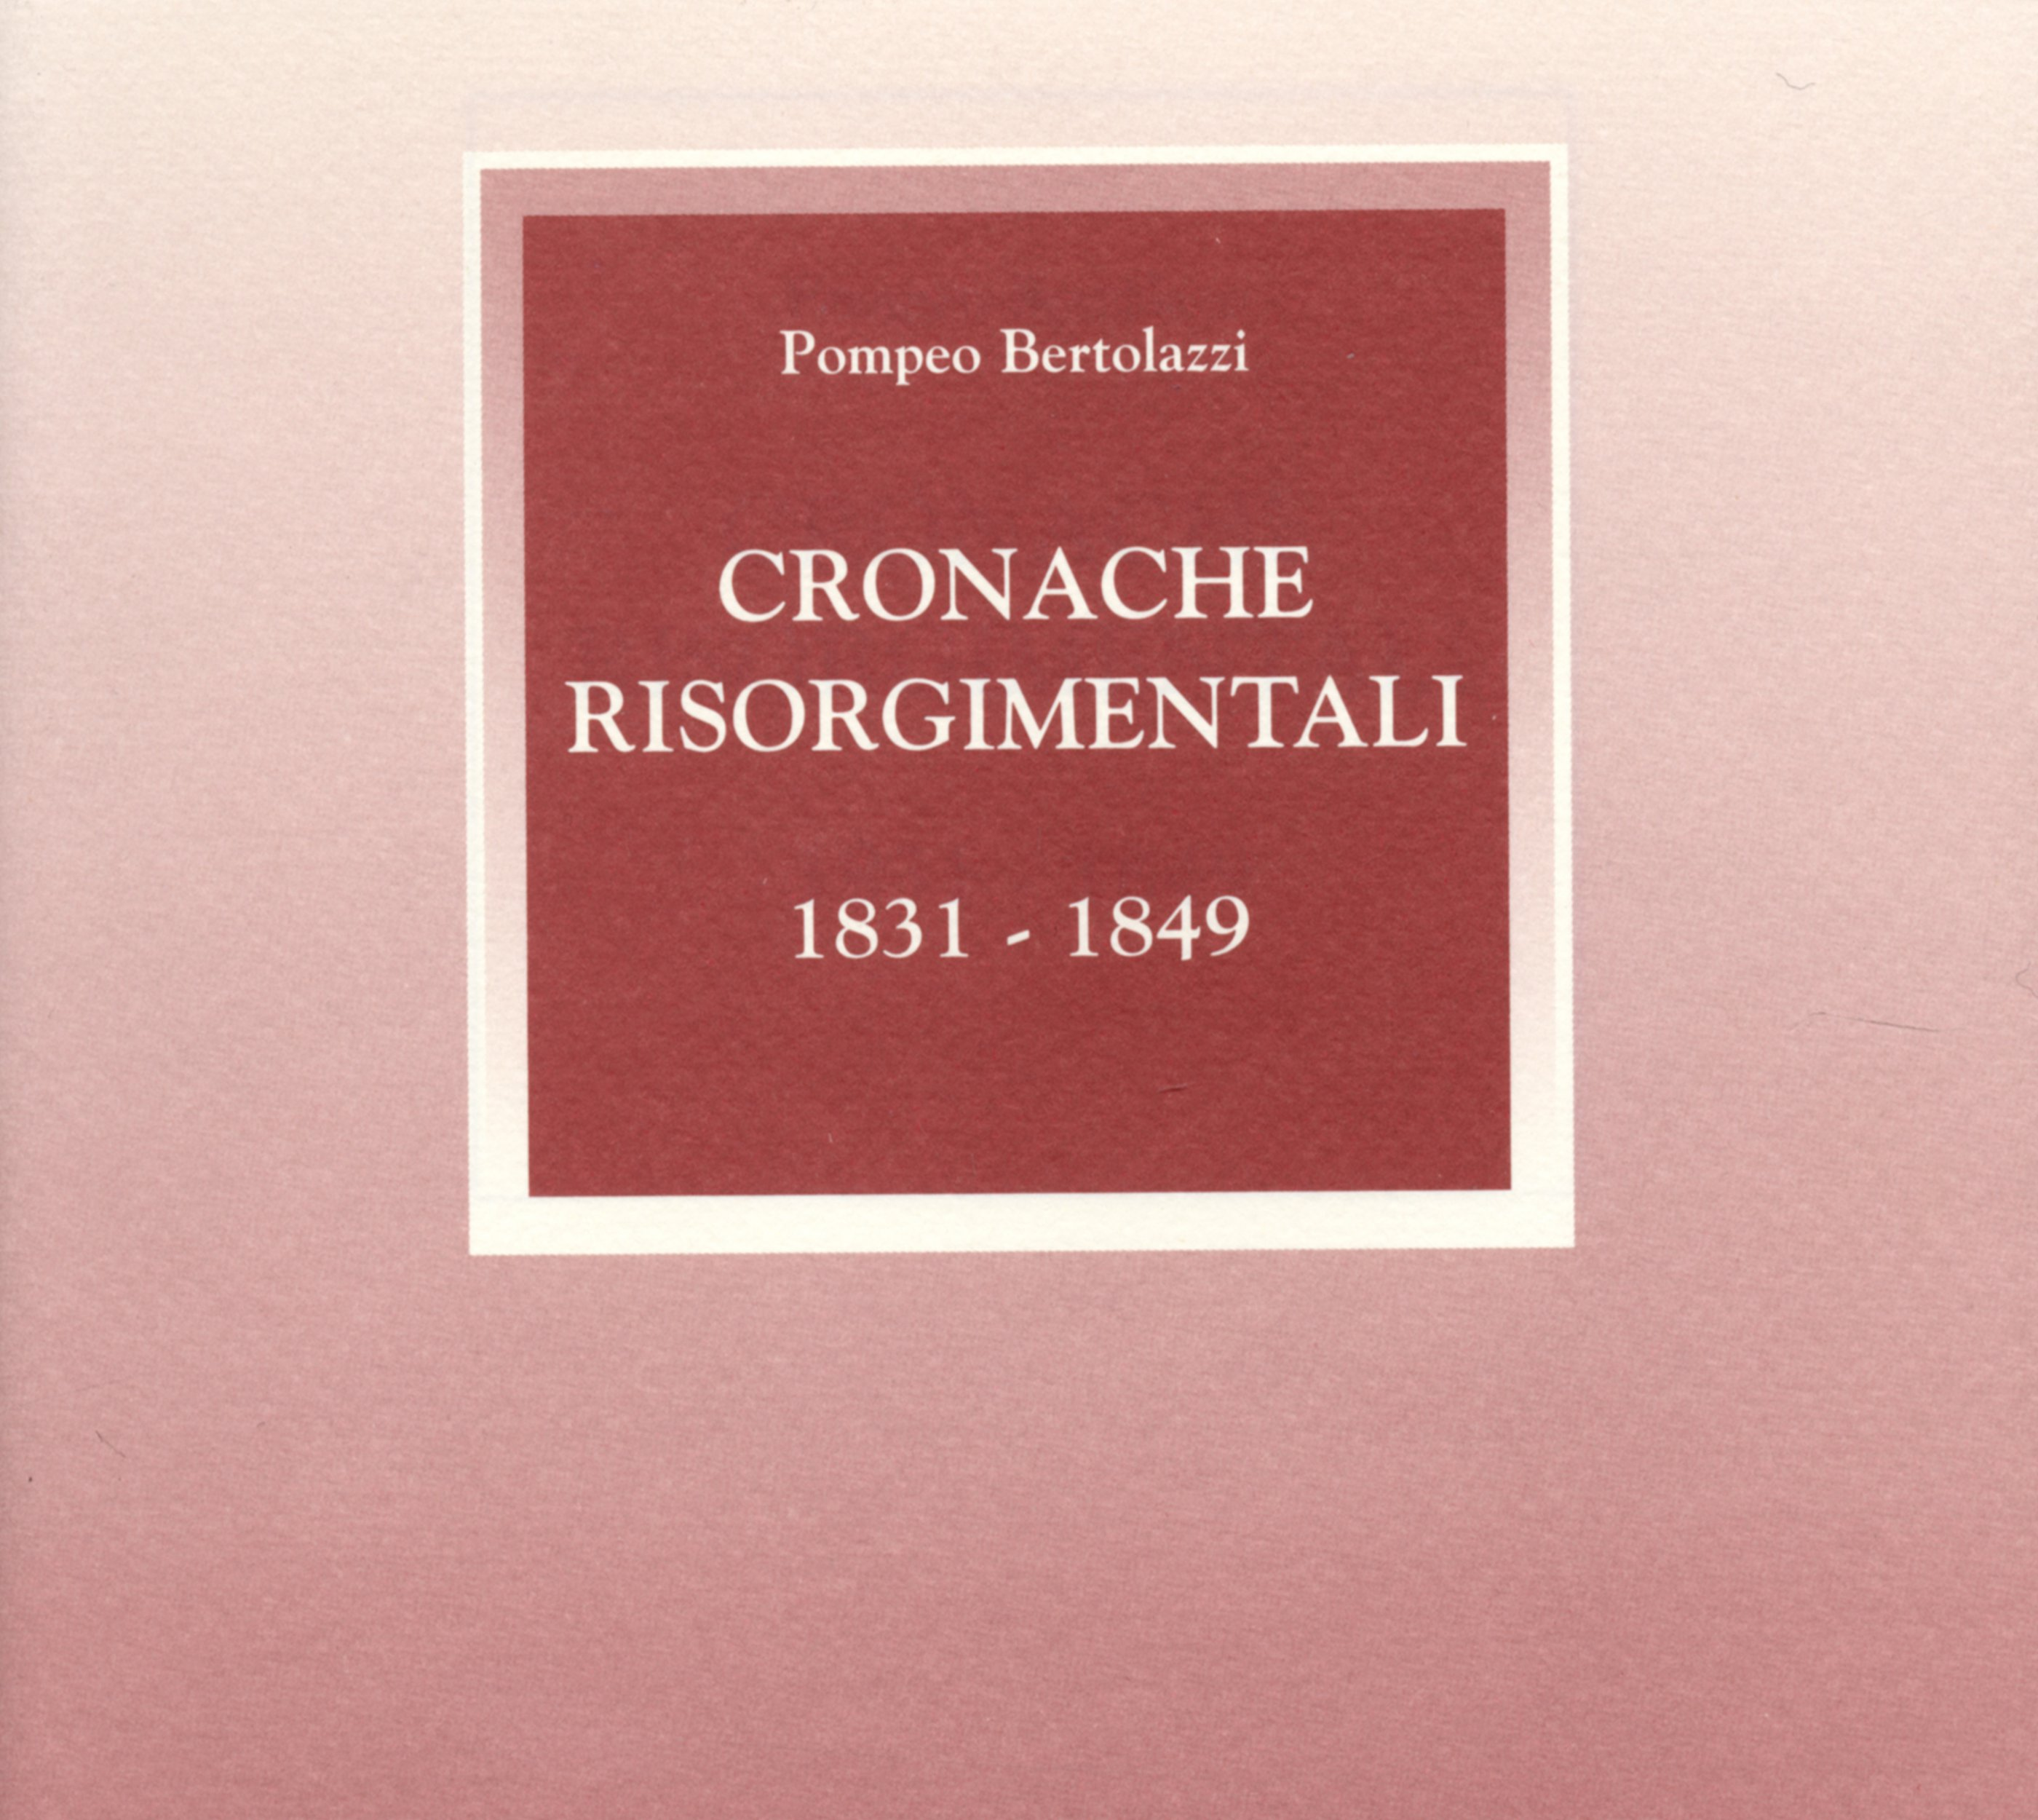 Pompeo Bertolazzi, Cronache risorgimentali 1831-1849